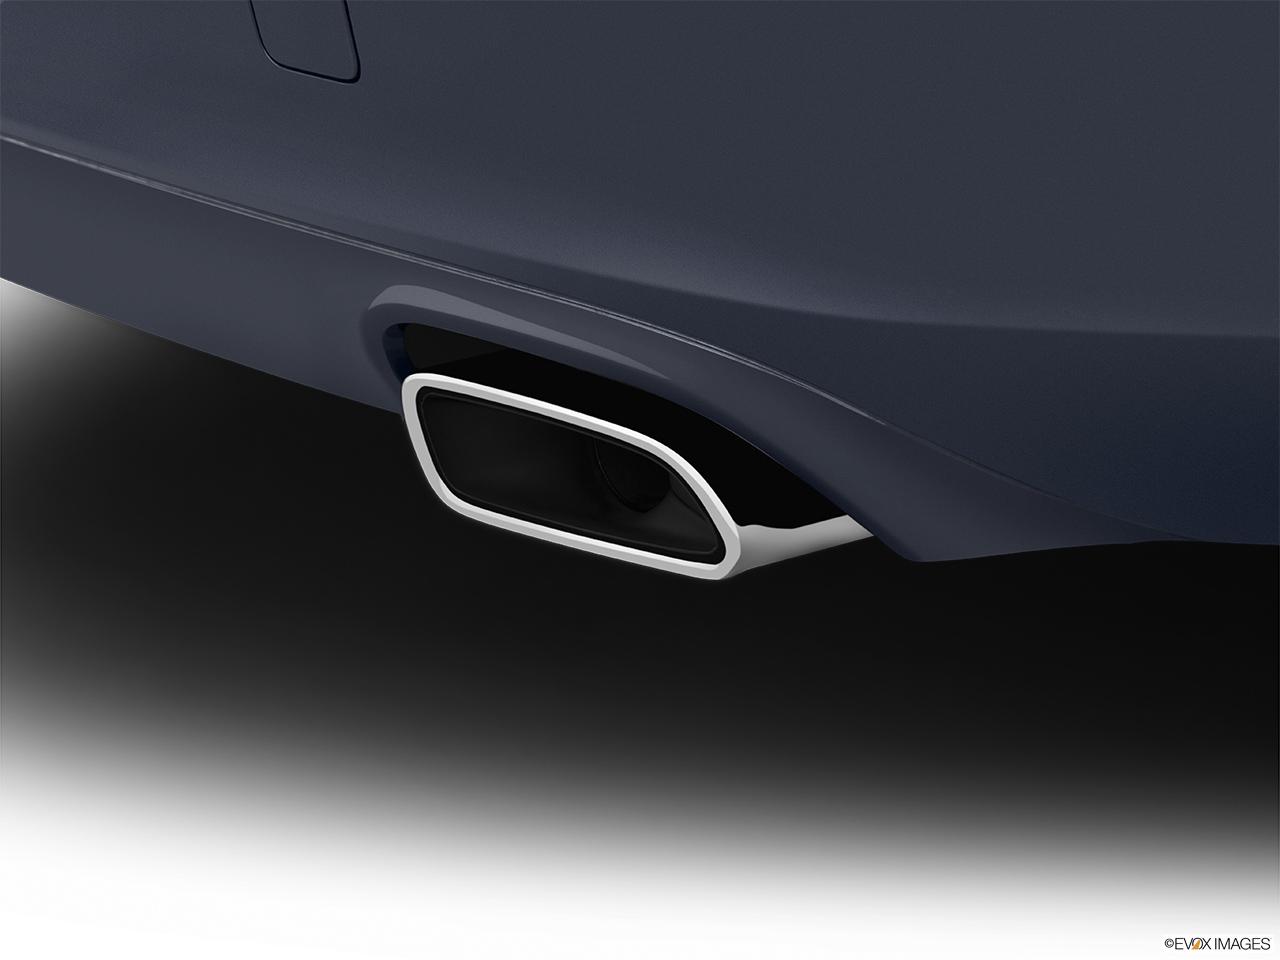 2015 Mercedes Benz Slk Class Roadster Slk350 Chrome Tip